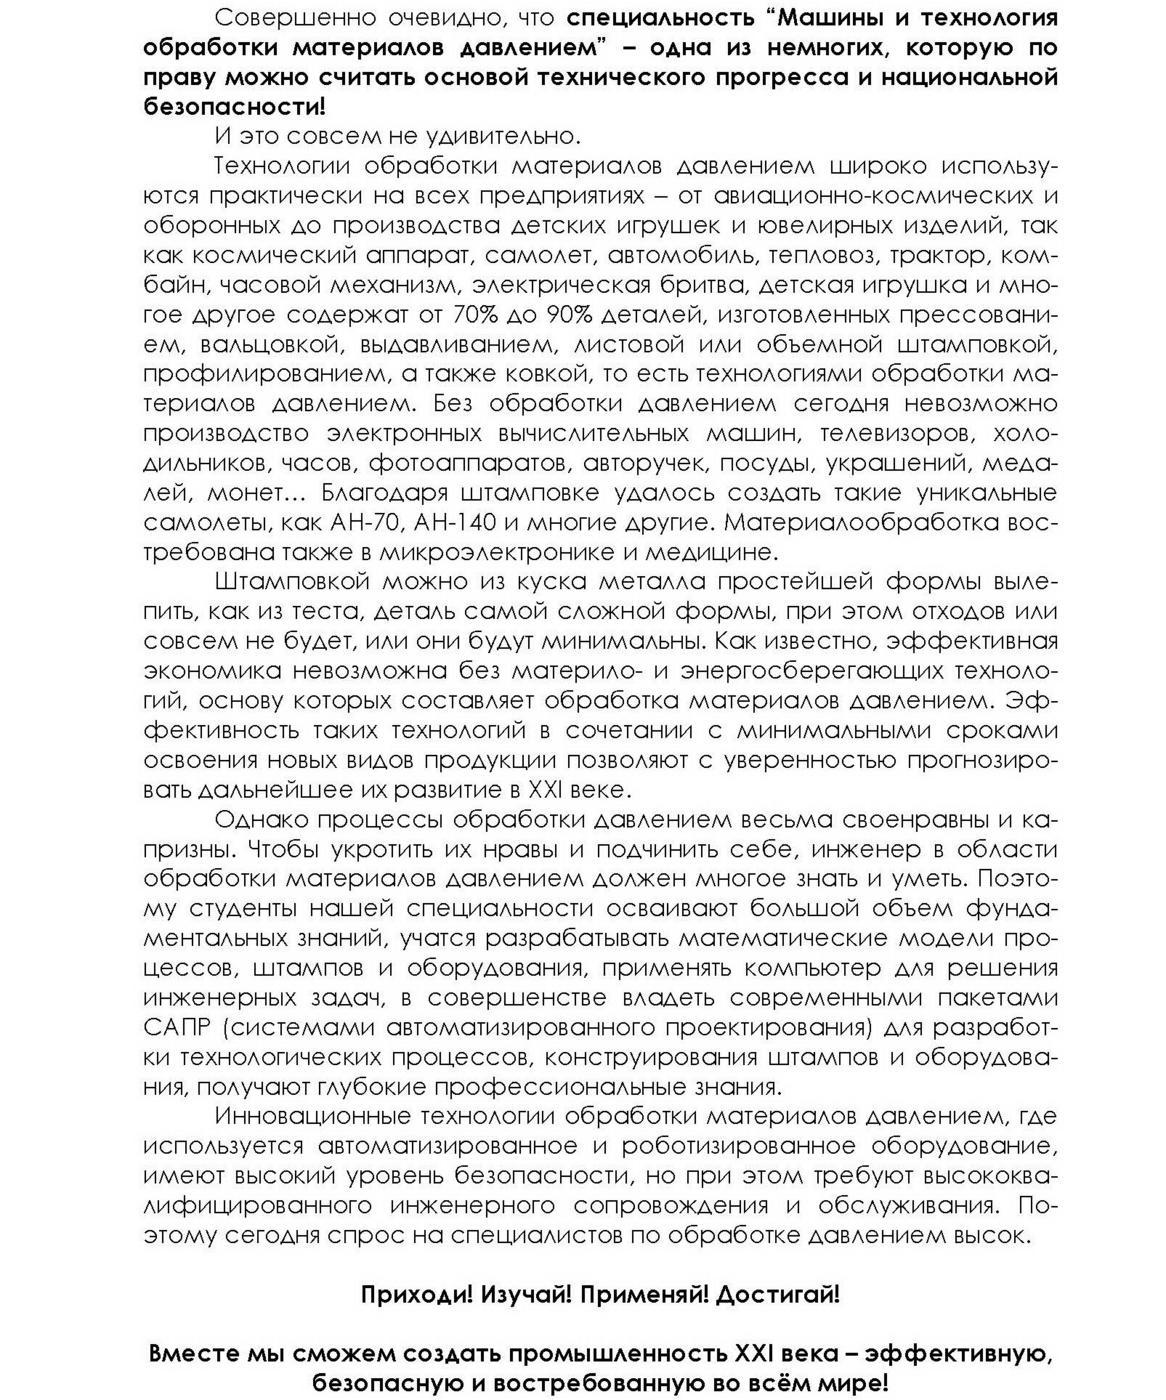 """Давленец в XXI веке - специальность """"машины и технология о бработки 4"""